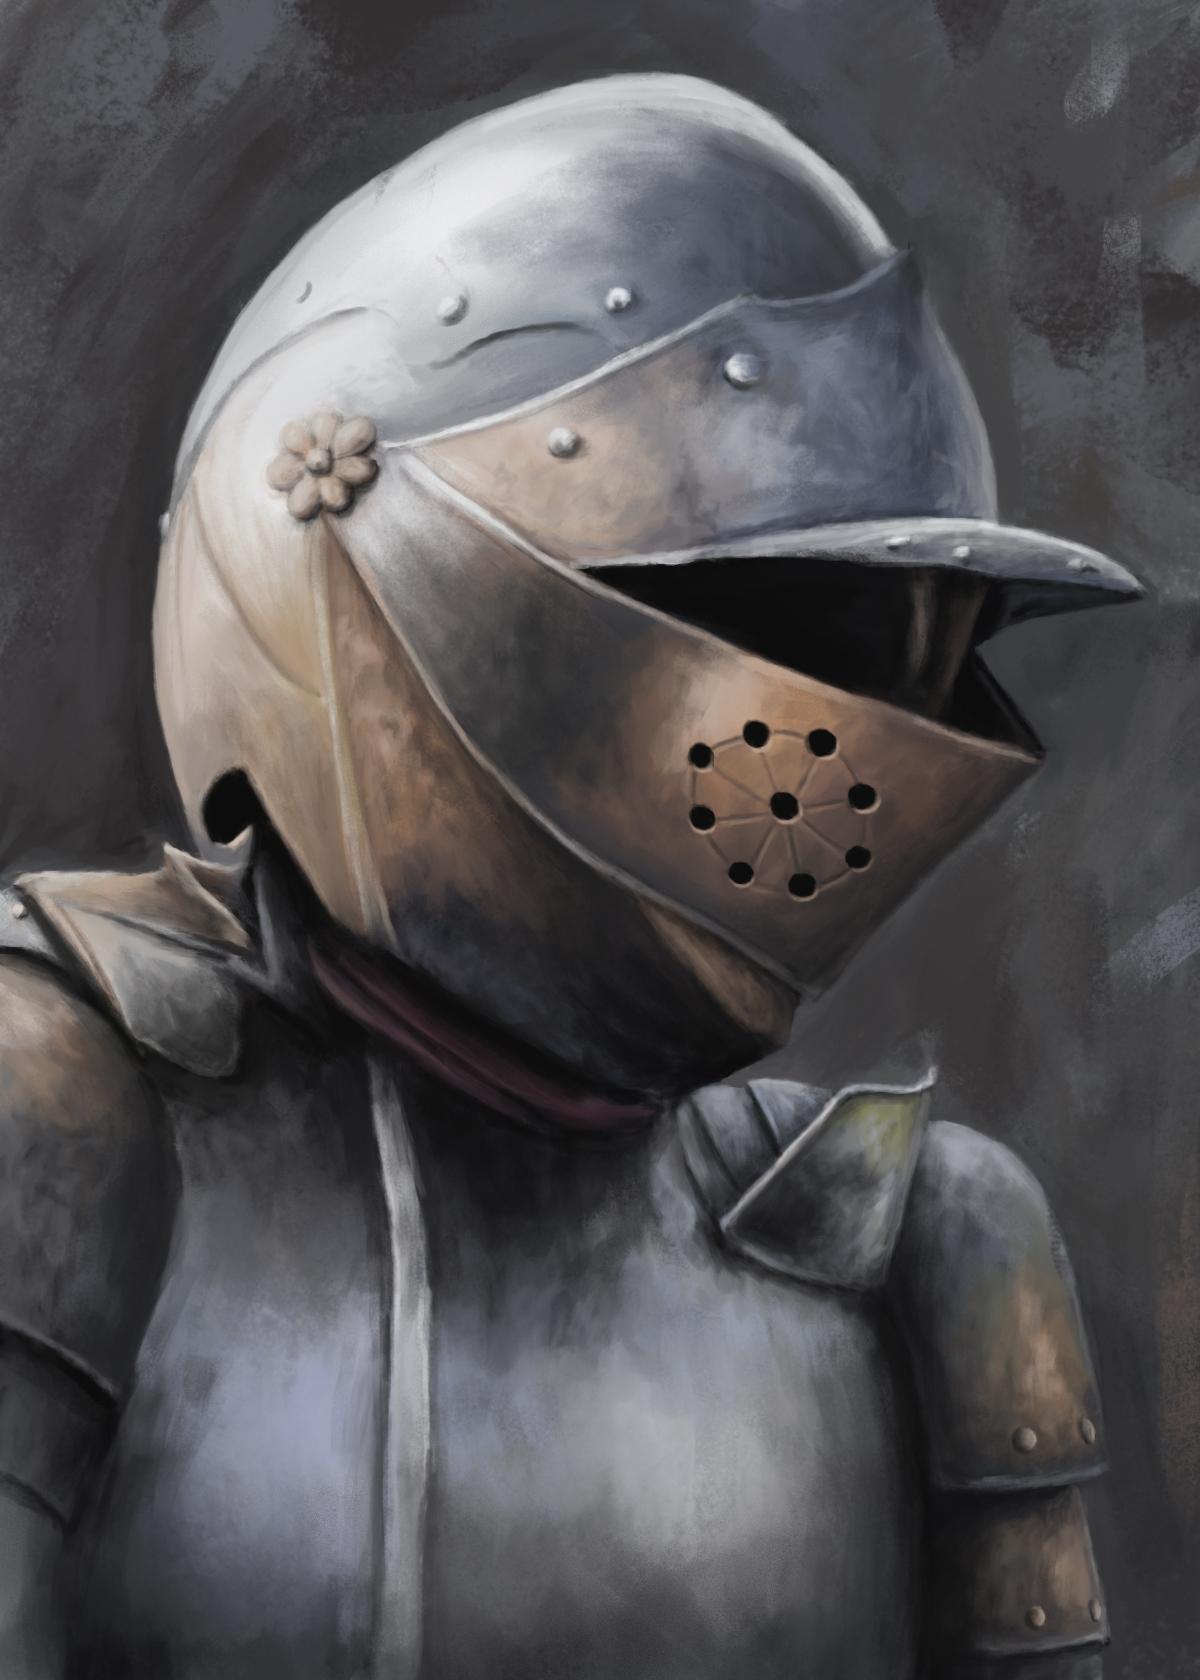 Armor study v2